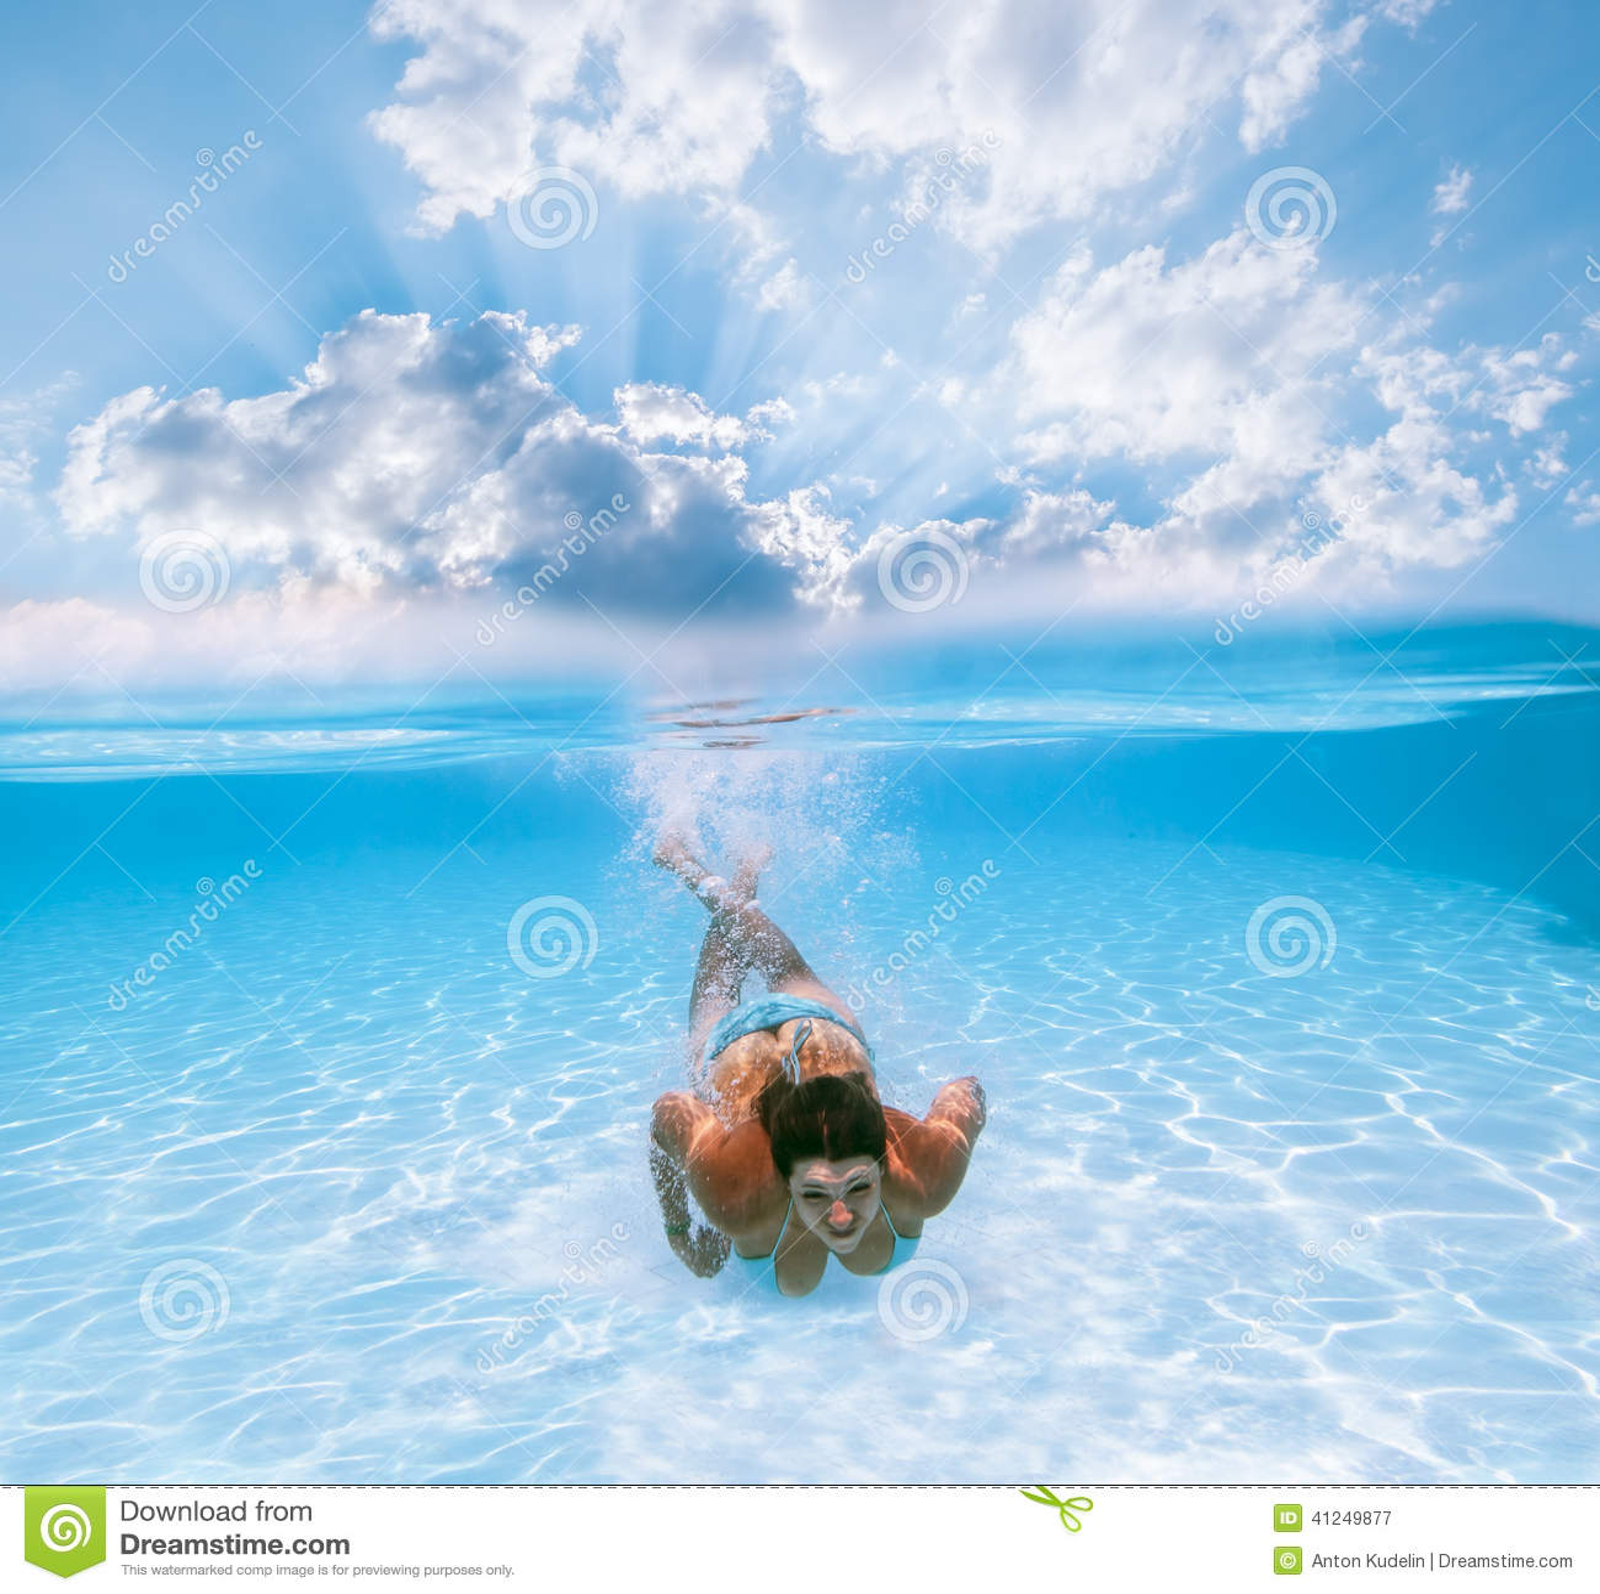 La fille nage sous l 39 eau dans la piscine photo stock for Apprendre a plonger dans la piscine